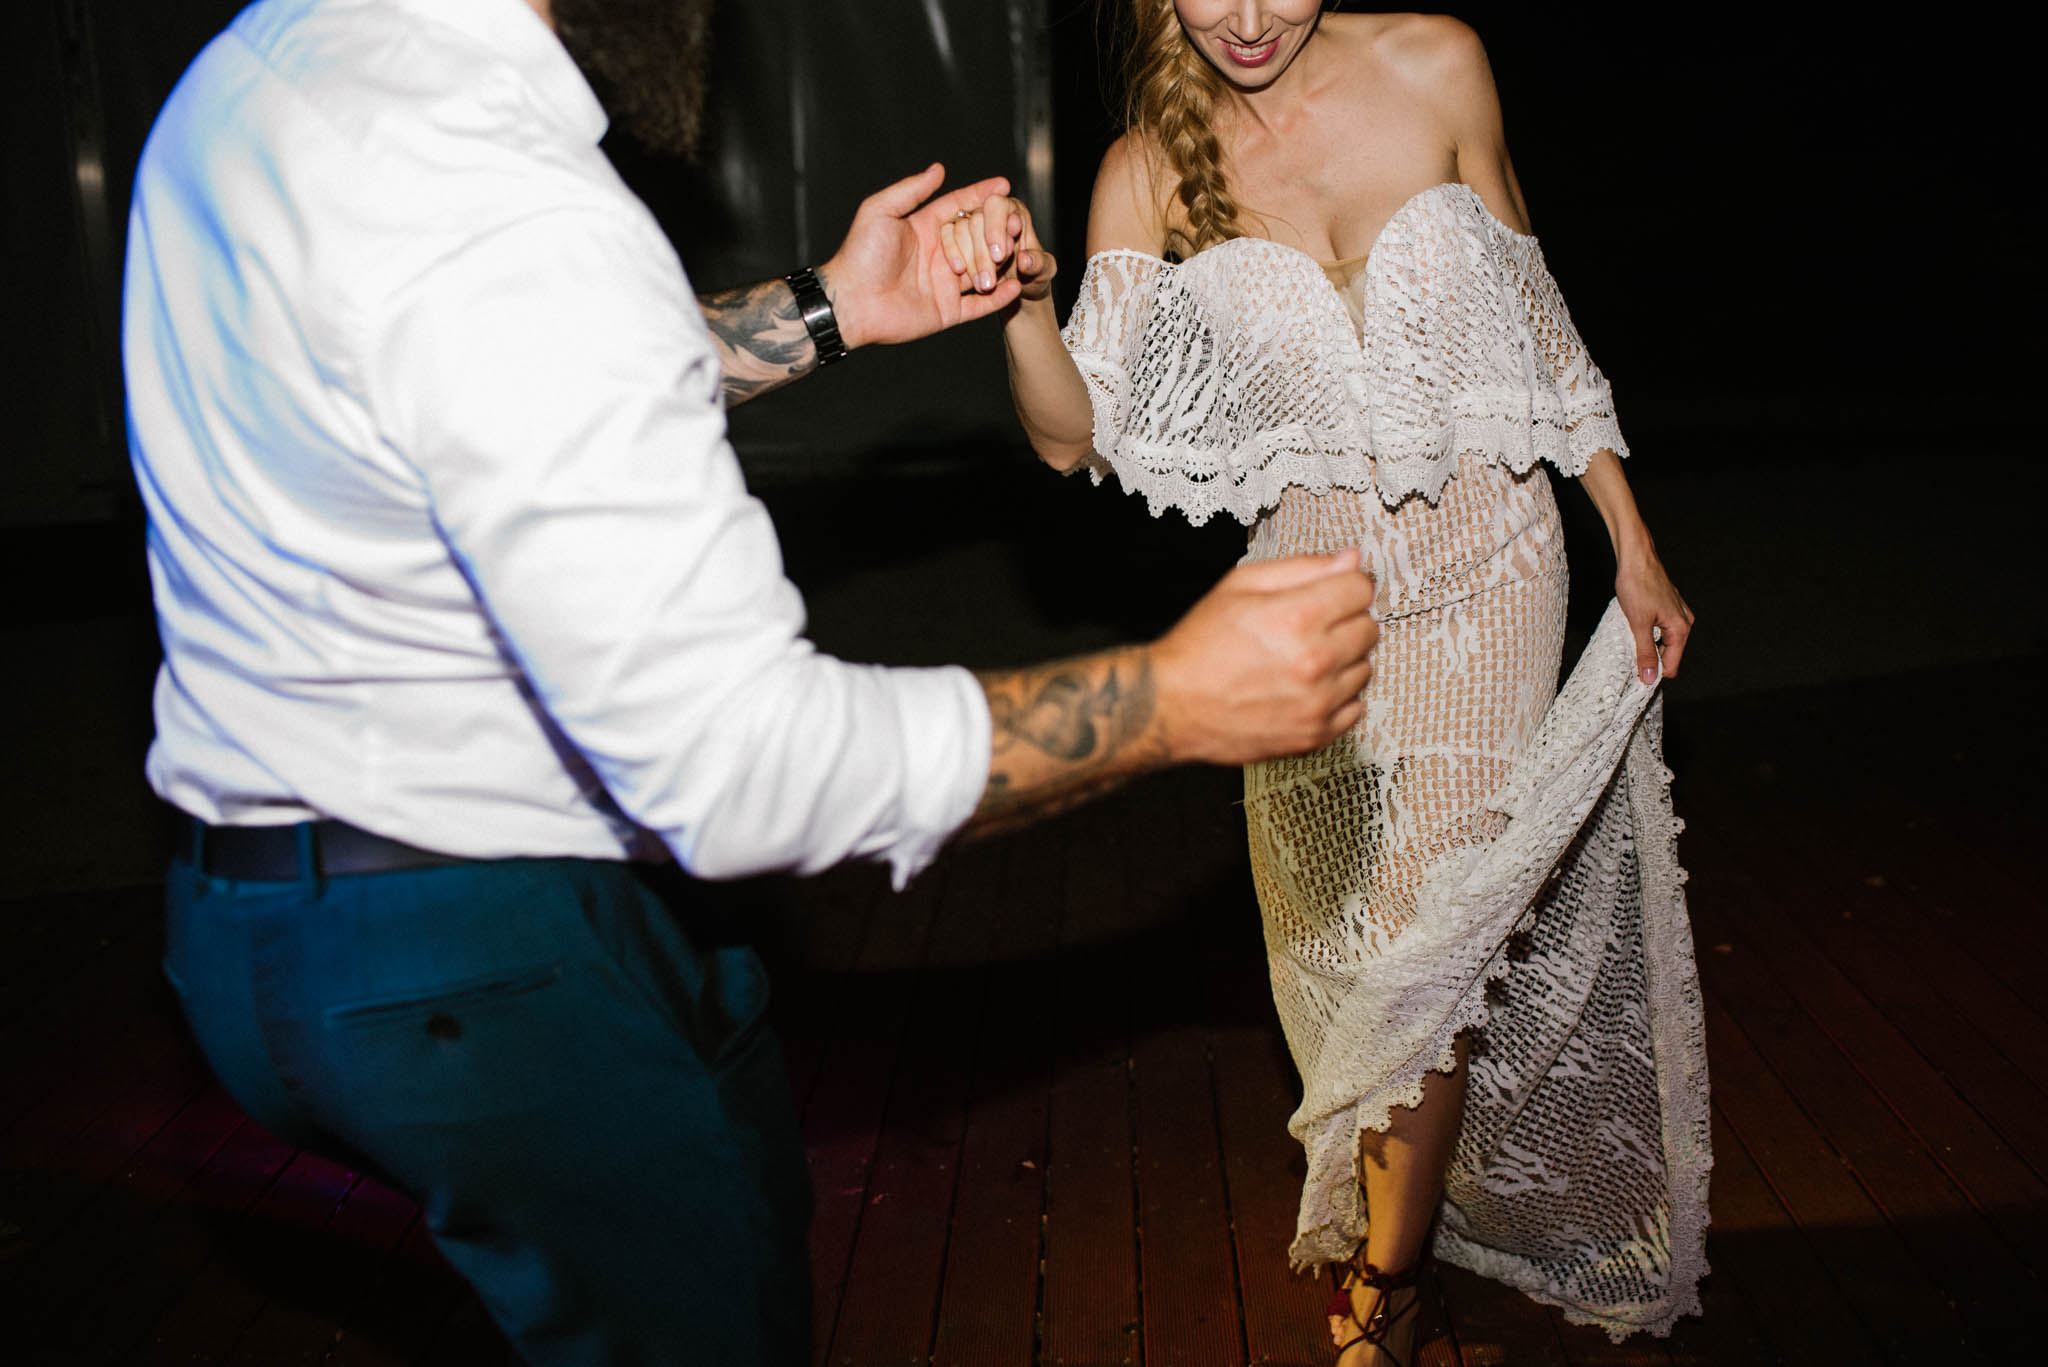 Taniec państwa młodych - sesja ślubna na Wyspie Św. Edwarda Zaniemyśl